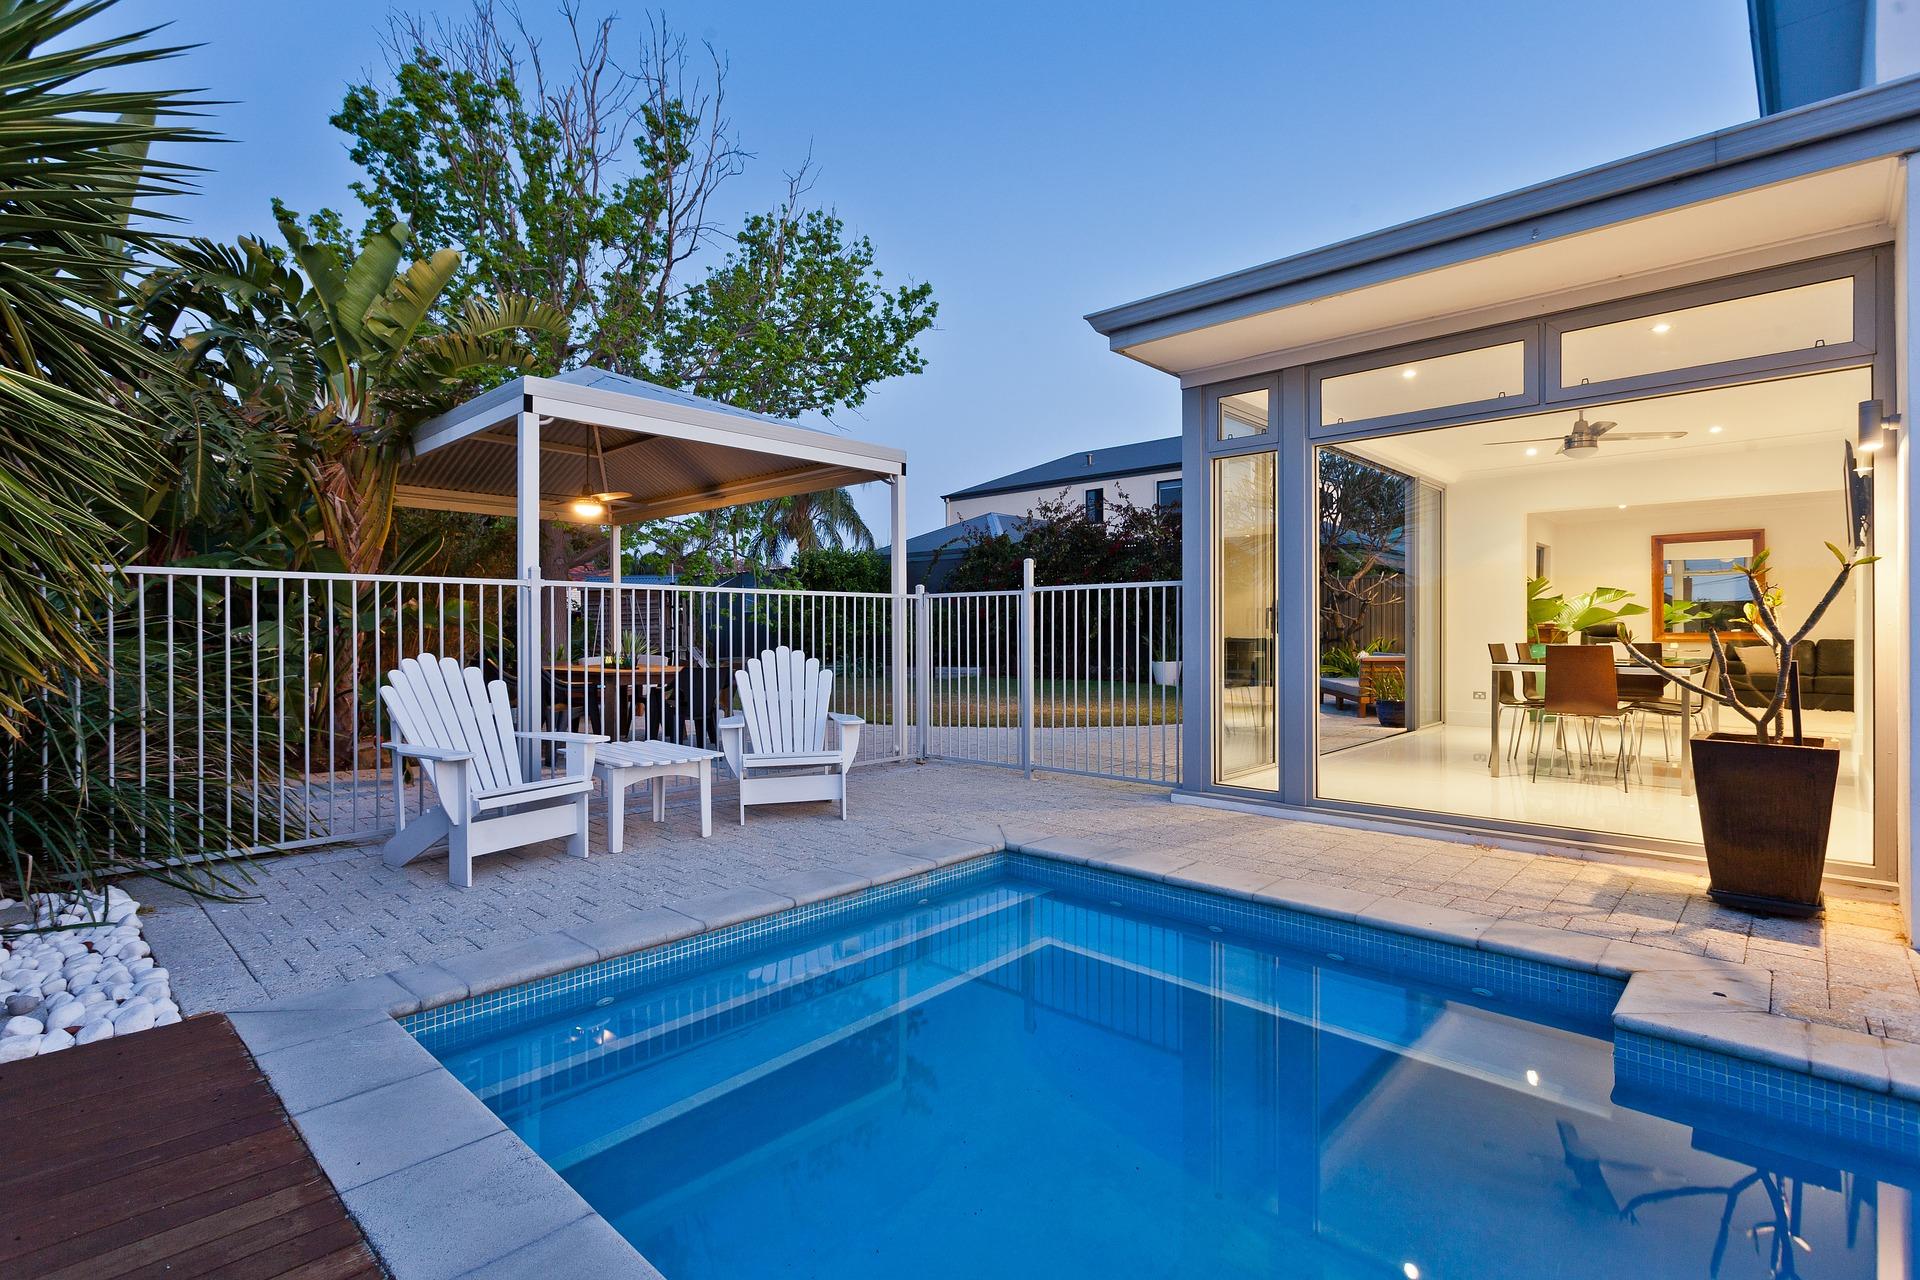 Affodable pool design texas